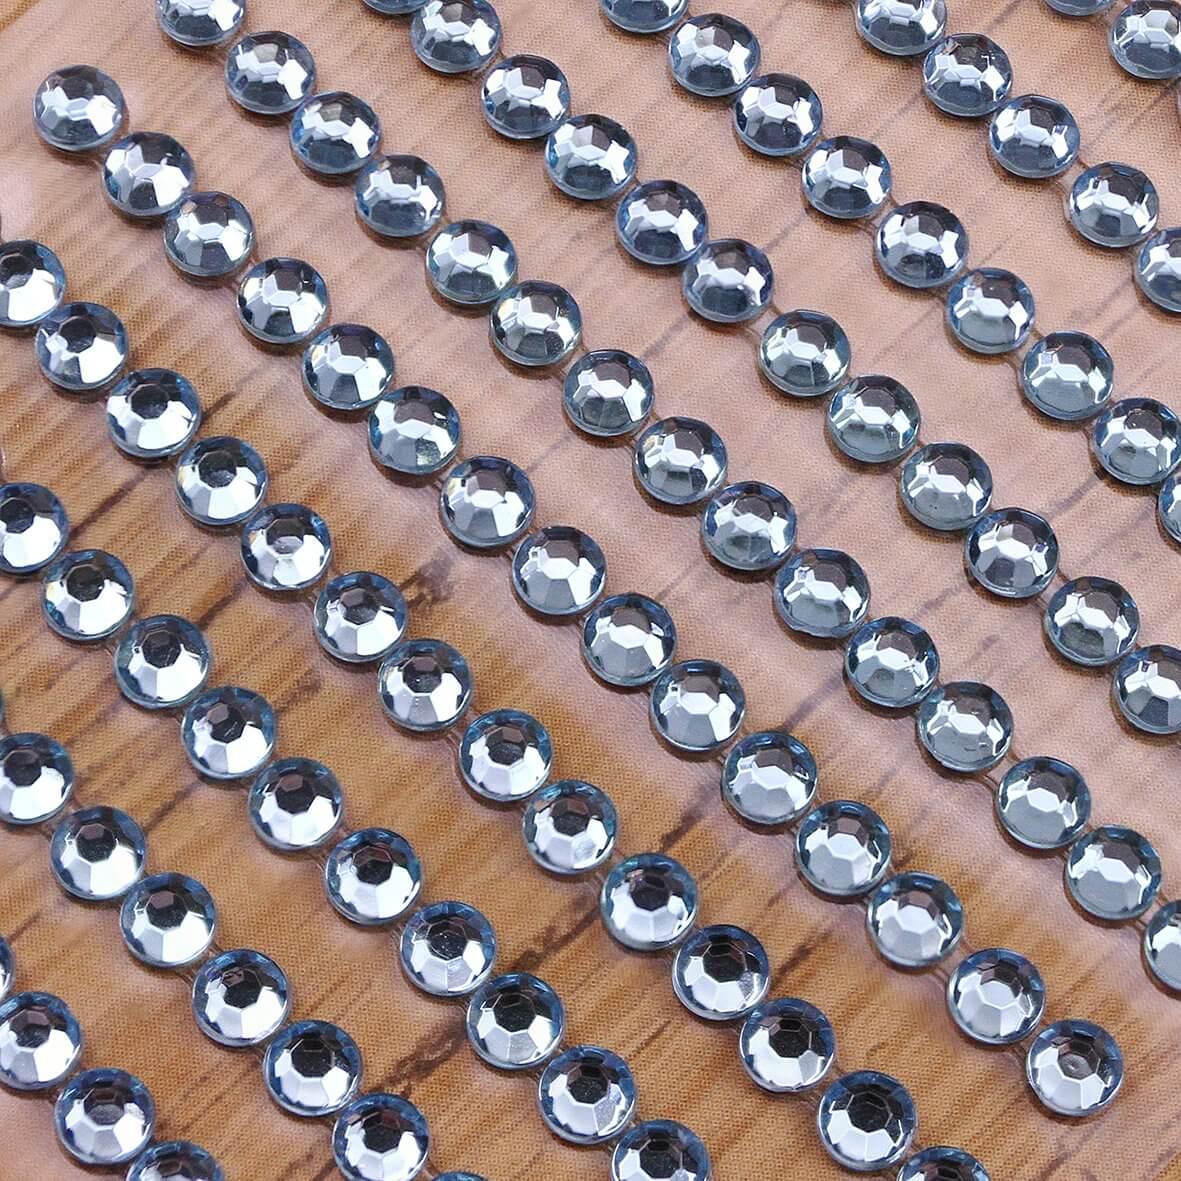 4mm Gem Self Adhesives - Pearl Blue - Zoom